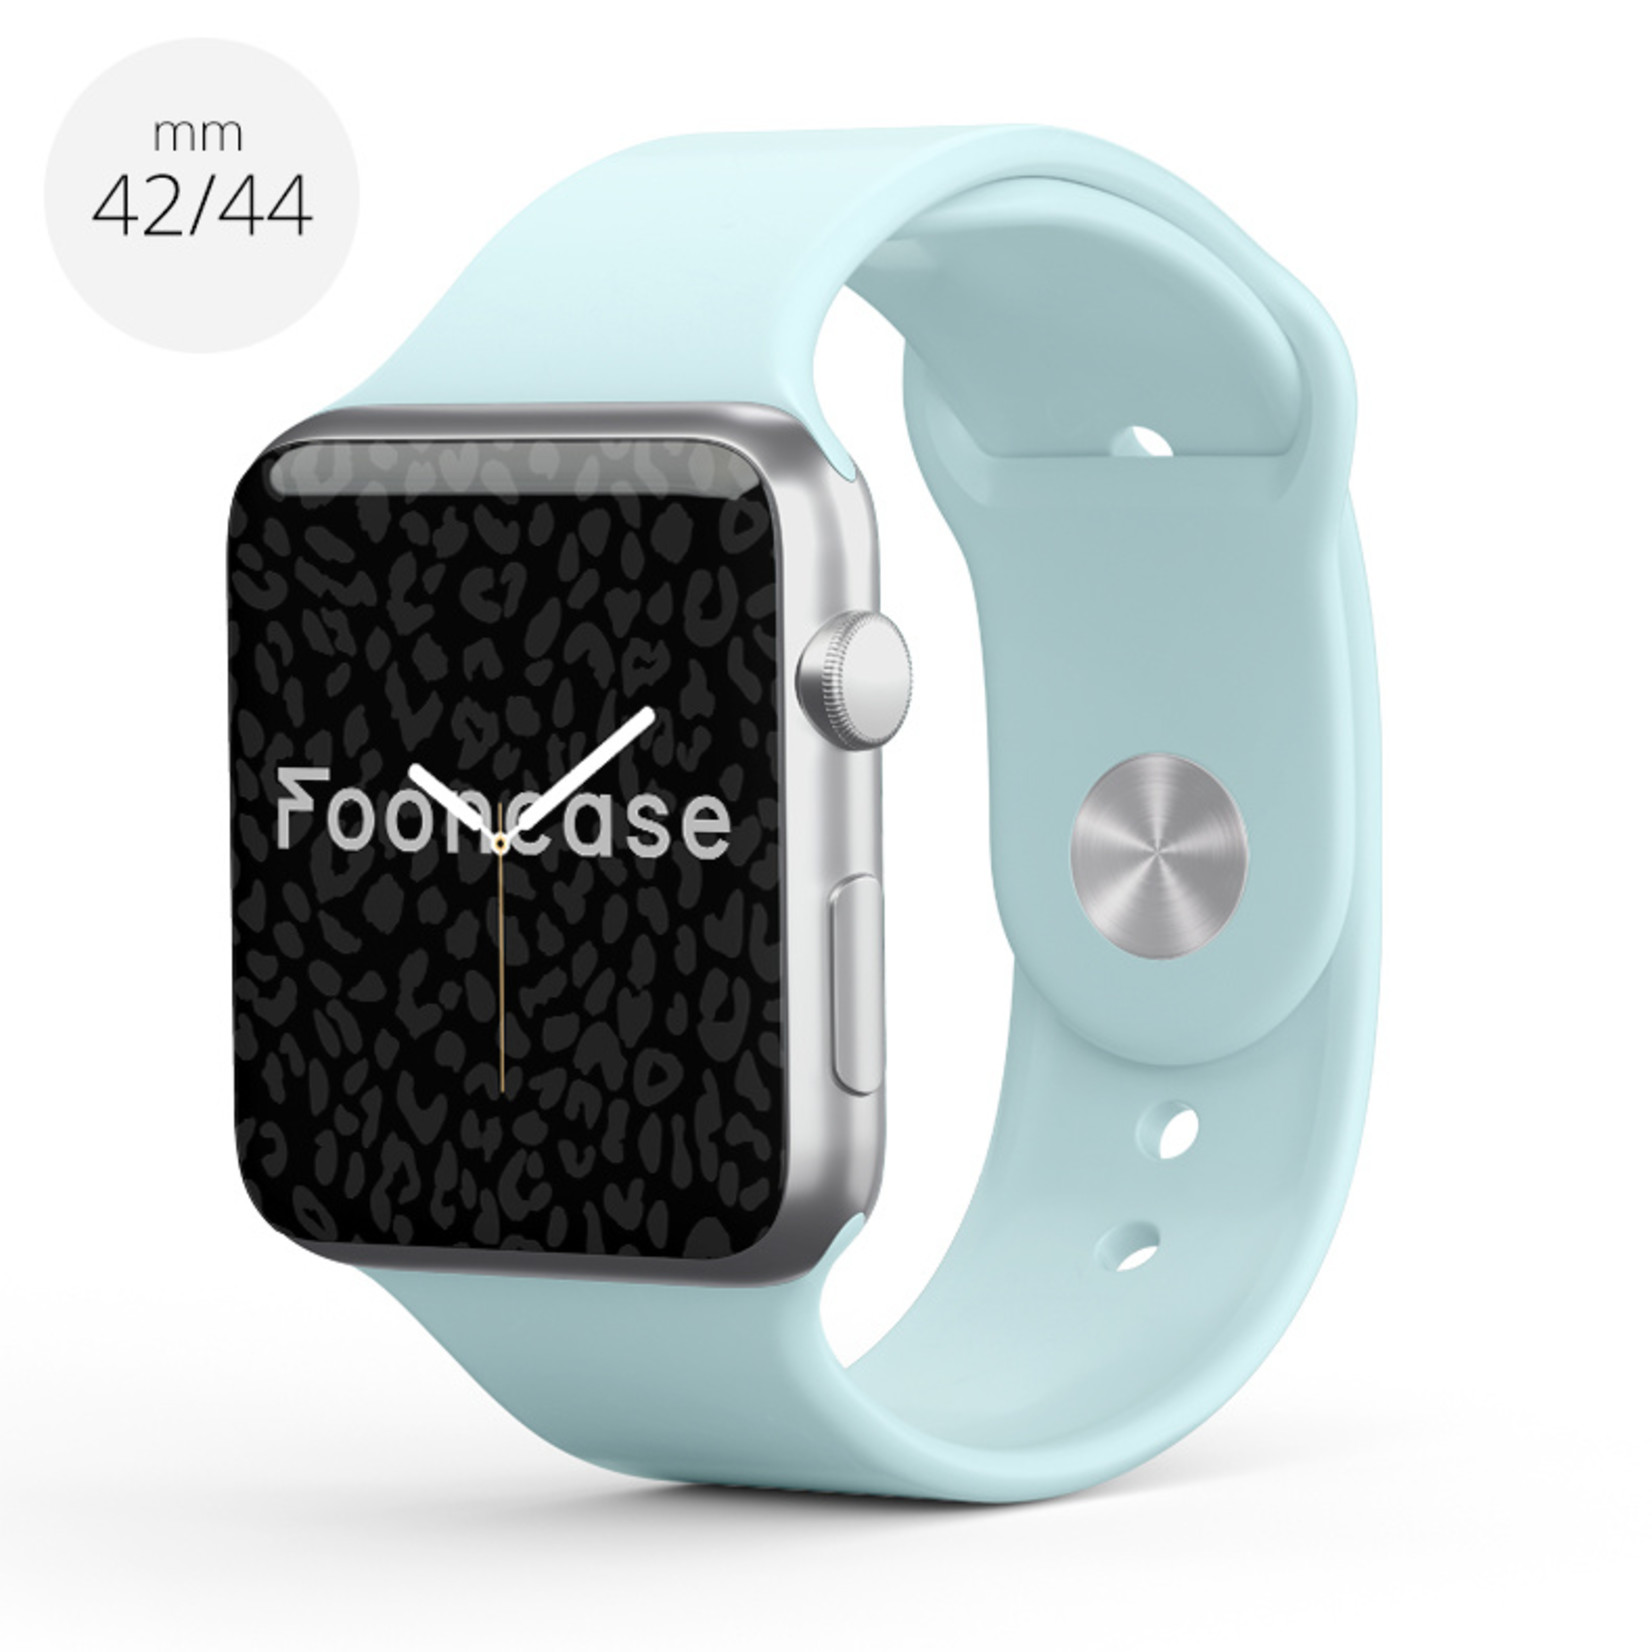 FOONCASE Apple Watch Series (1 t/m 6 / SE) - Mint - 42/44mm